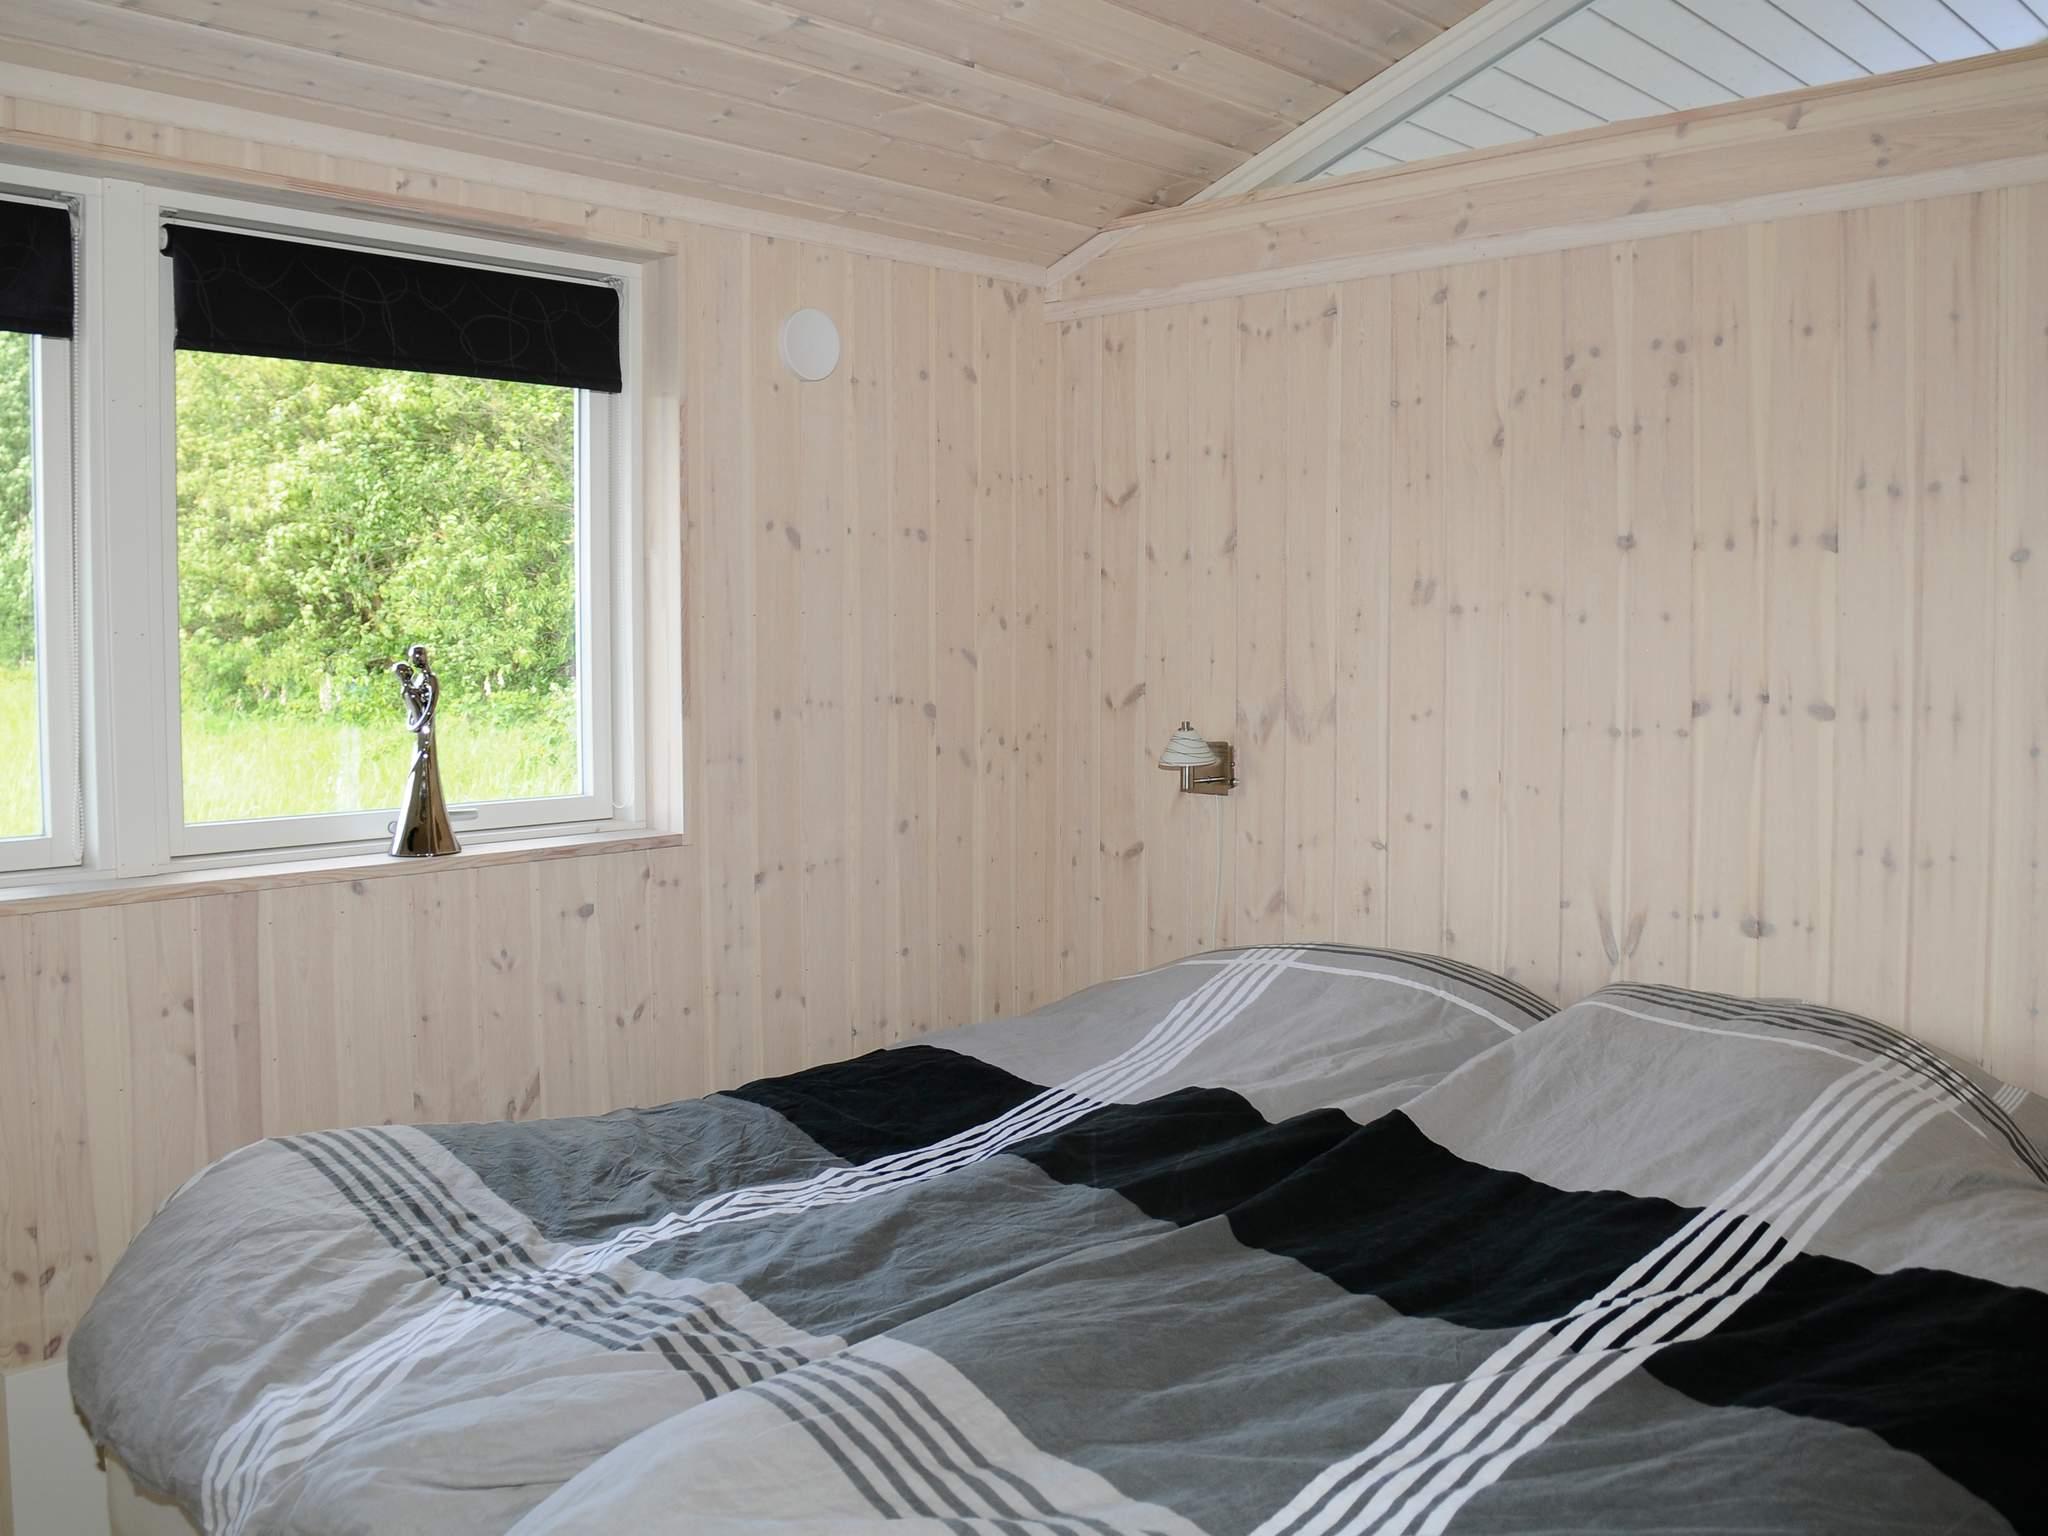 Ferienhaus Hovborg (344962), Hovborg, , Südjütland, Dänemark, Bild 5